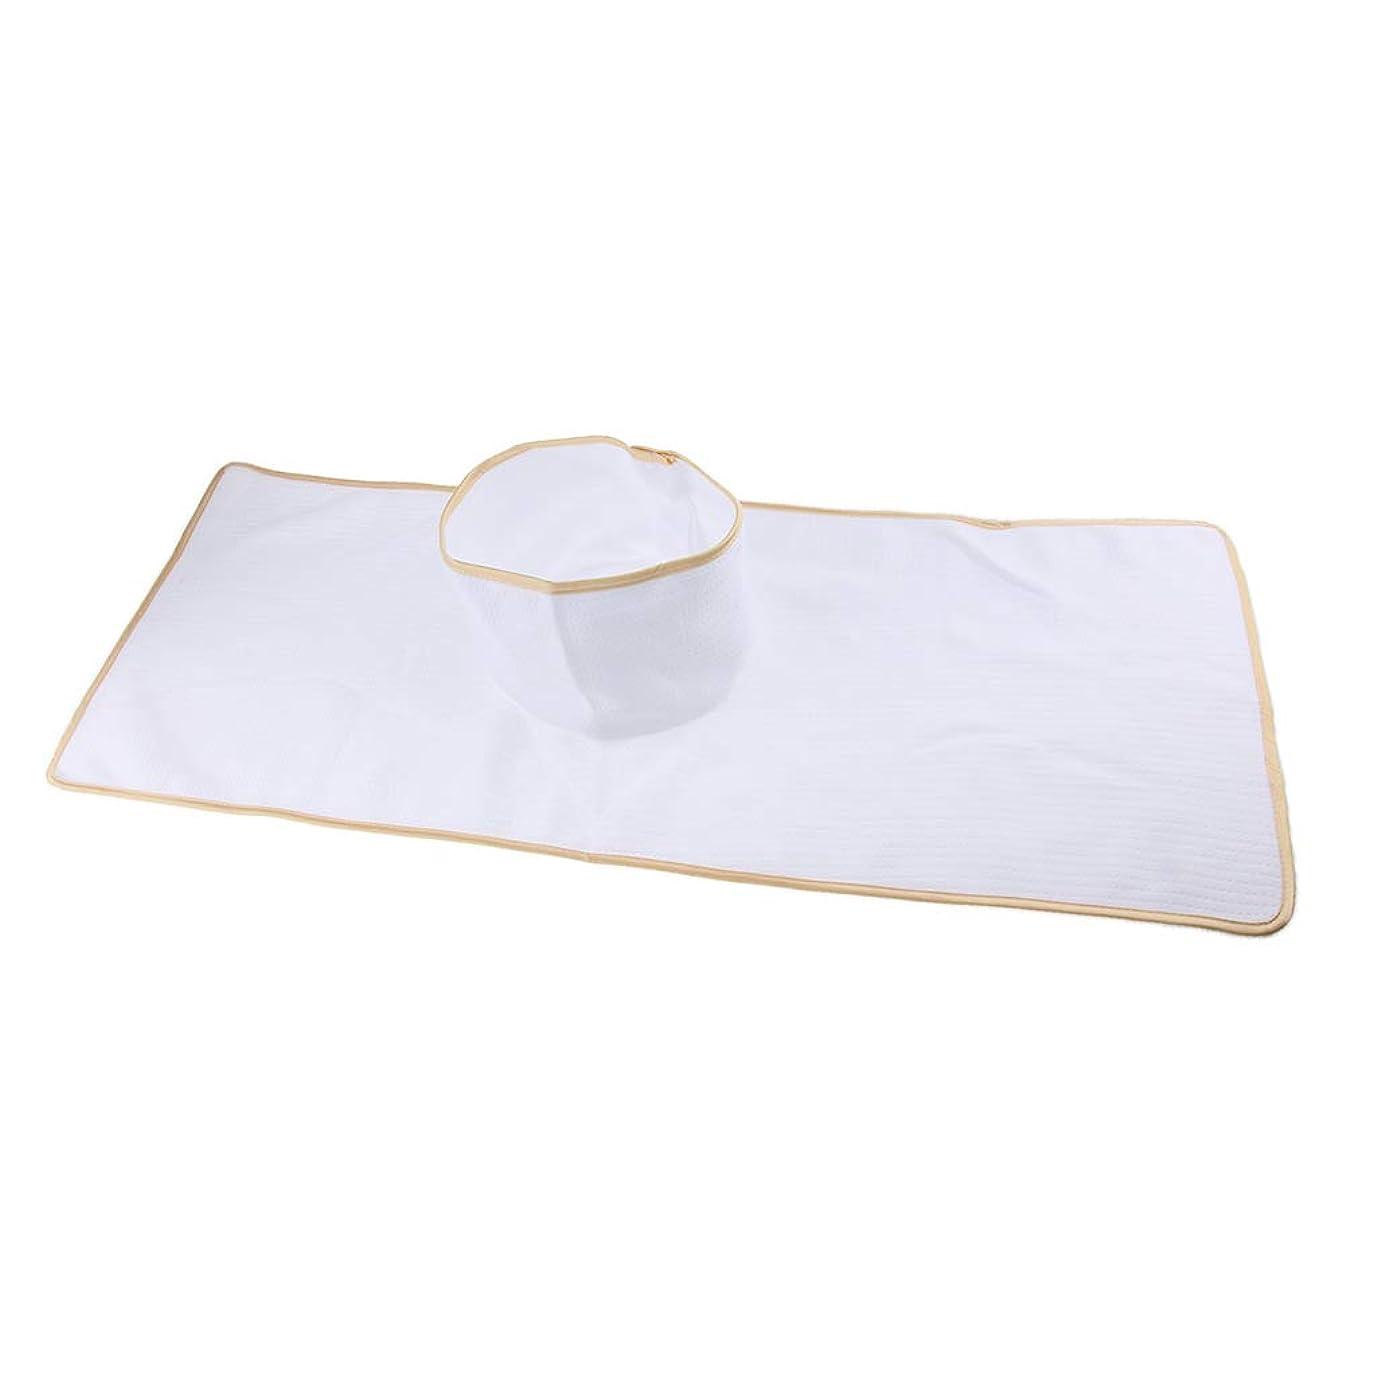 振り向く繰り返す天皇Baoblaze マッサージテーブルカバー シート パッド 顔の穴付き 再使用可能 約90×35cm 全3色 - 白